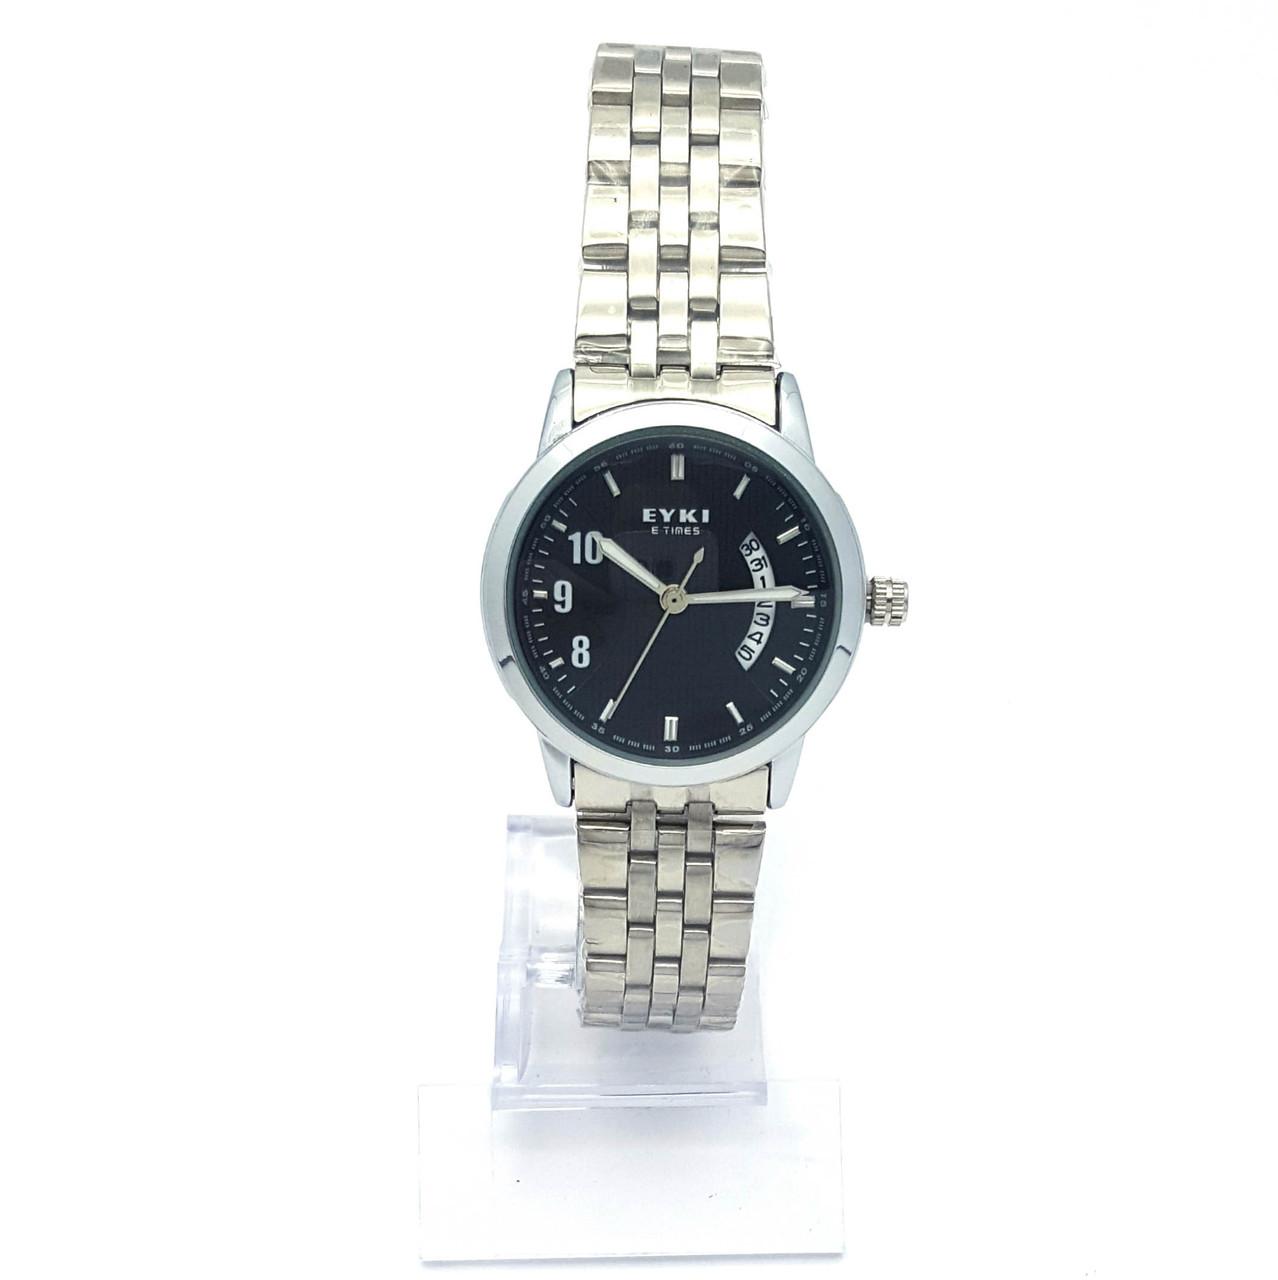 Часы EYKI Серебристые с черным циферблатом, браслет р.20, циферблат 29